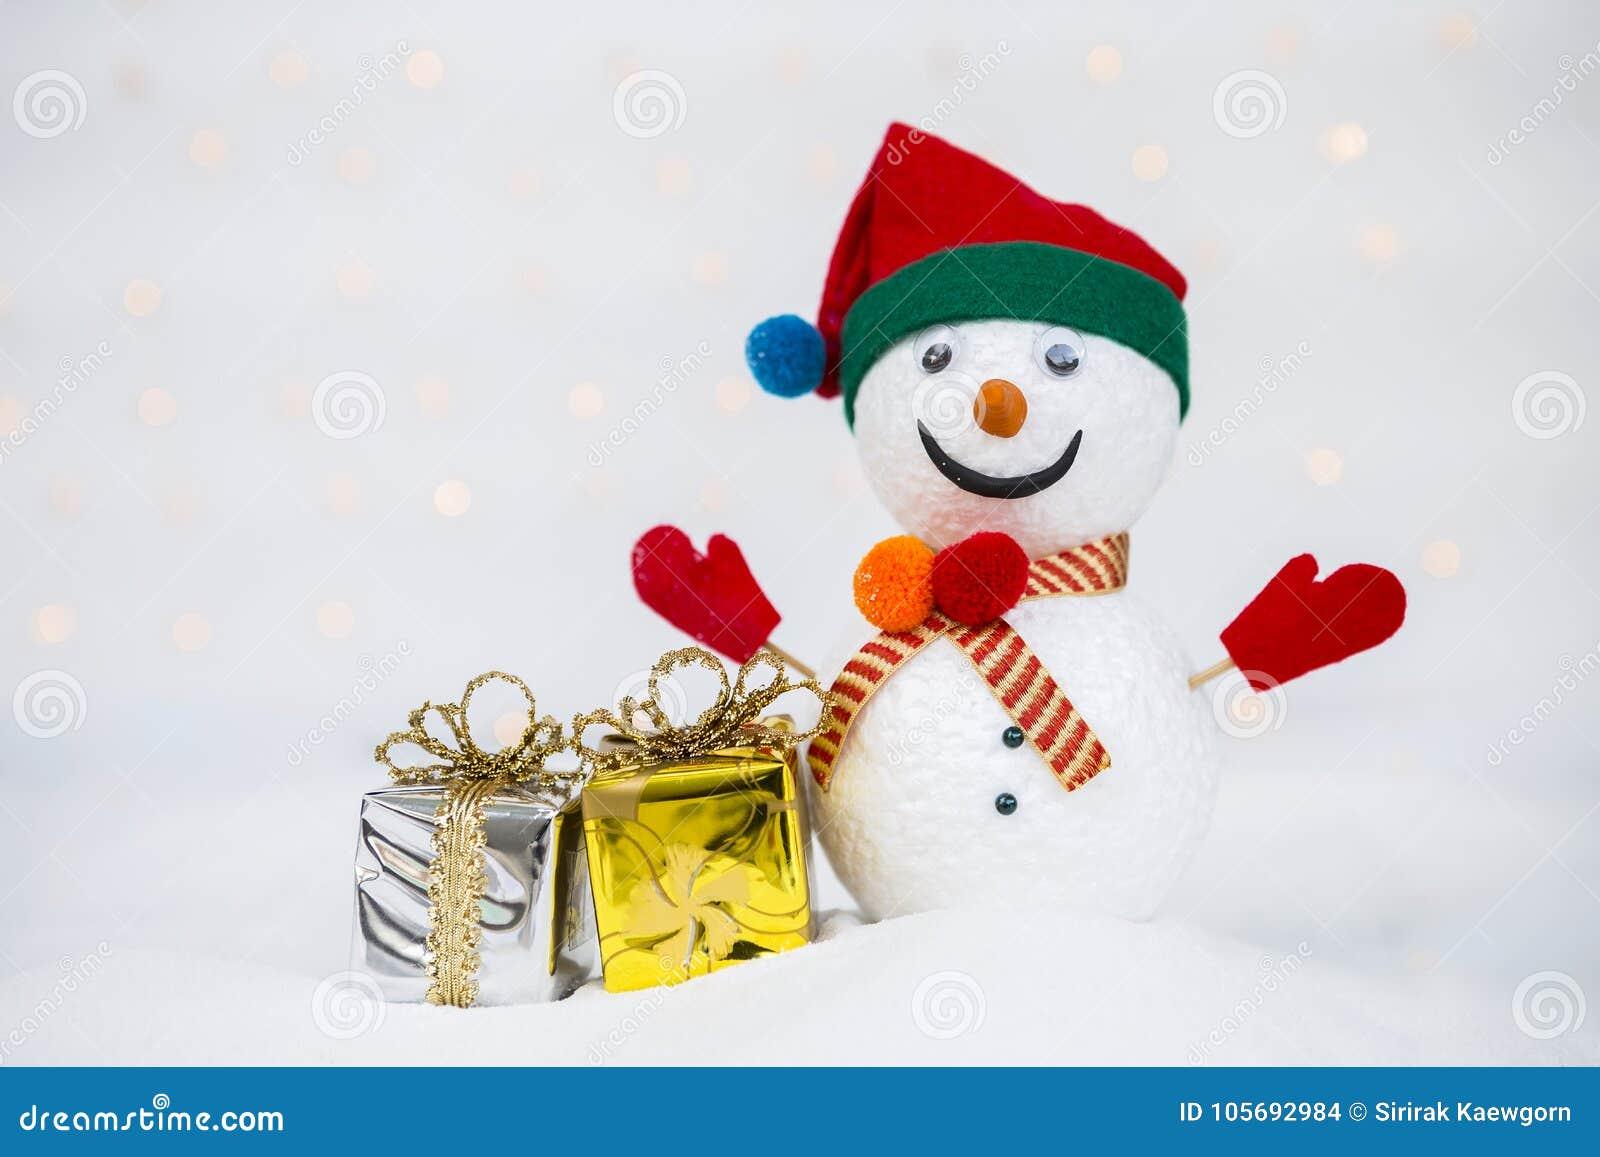 Конструируйте снеговик с сияющим конусом подарочной коробки и сосны на белом снеге